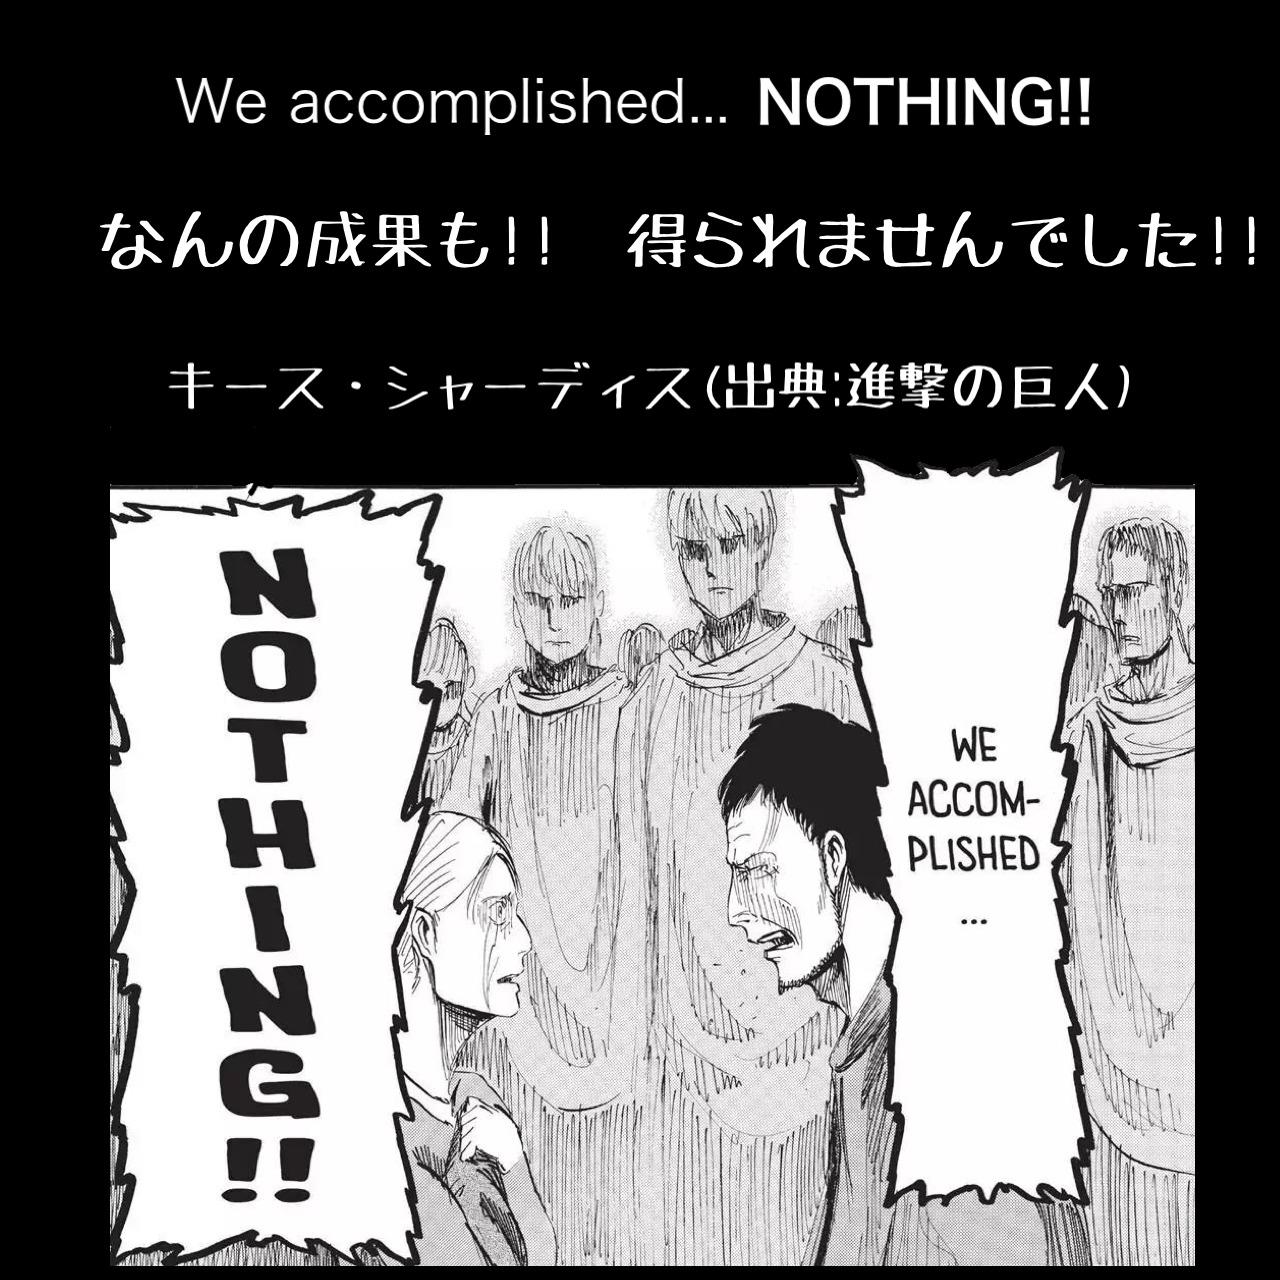 【英語で進撃の巨人】なんの成果も!! 得られませんでした!! / キース・シャーディス(出典:進撃の巨人)